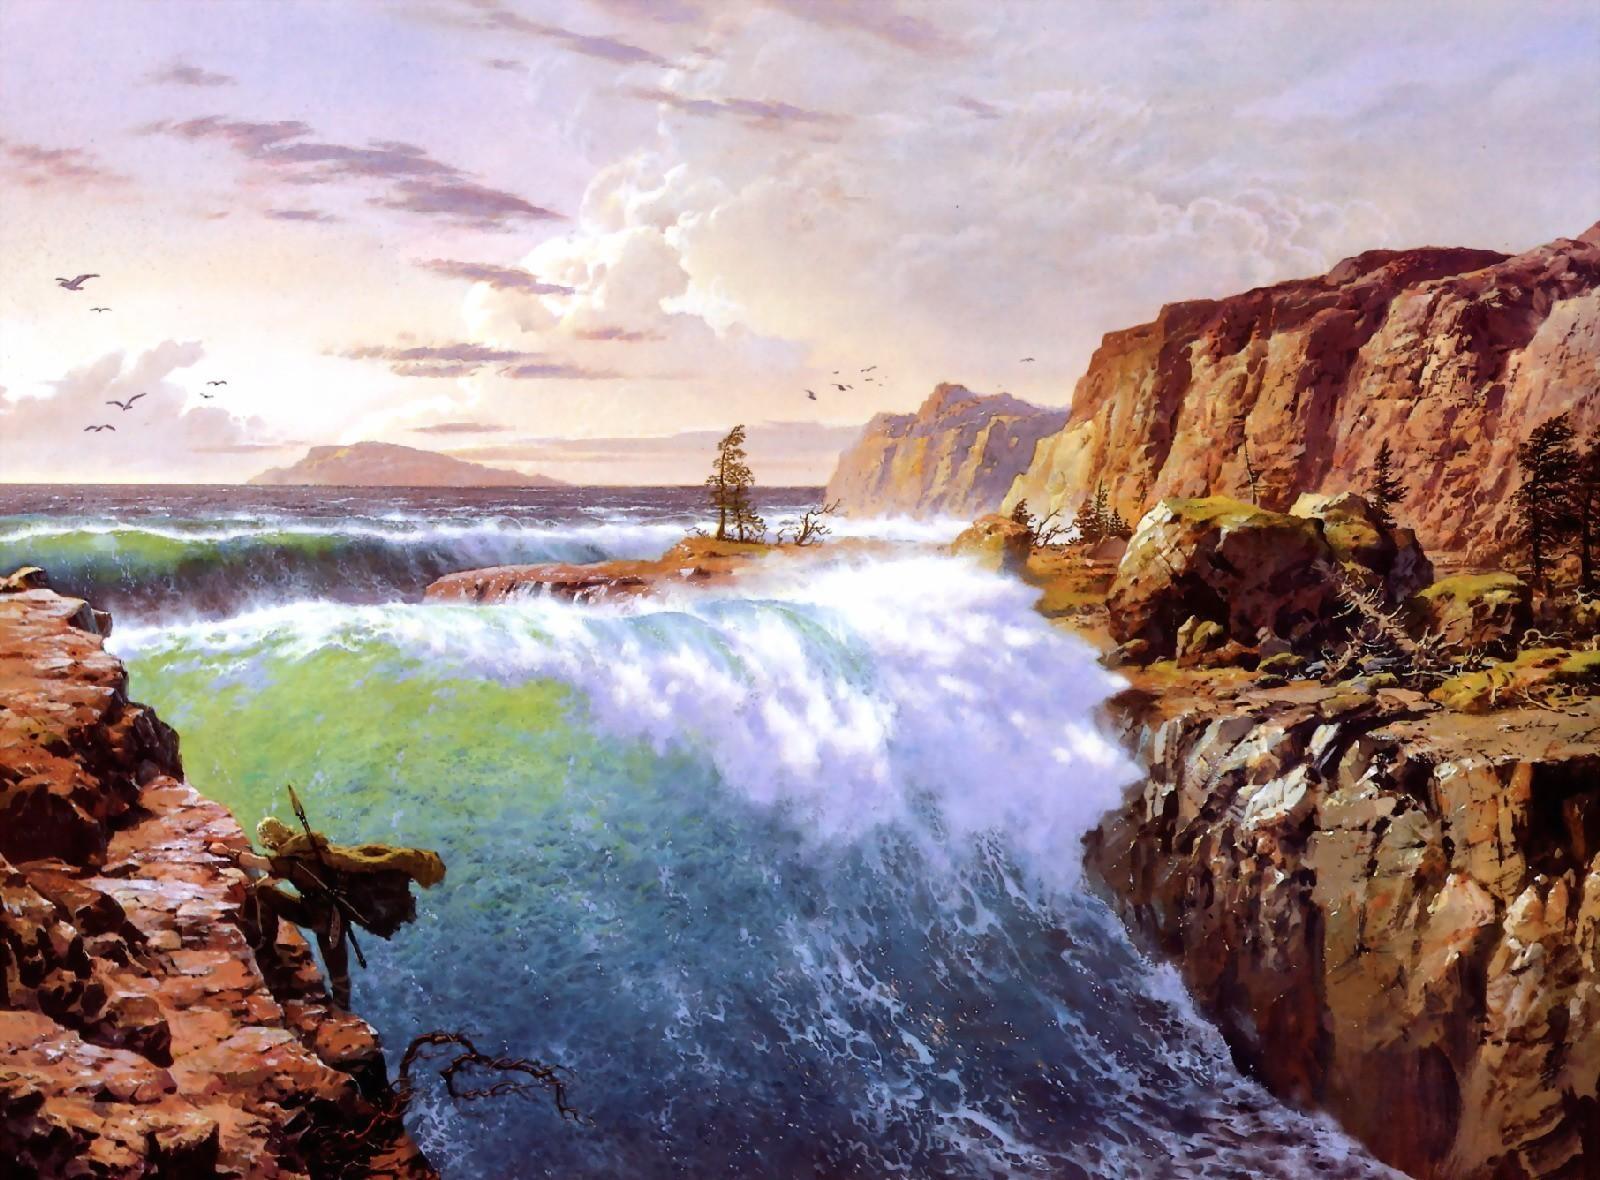 100717 скачать обои Фэнтези, Водопад, Скалы, Ветер, Воин, Птицы - заставки и картинки бесплатно